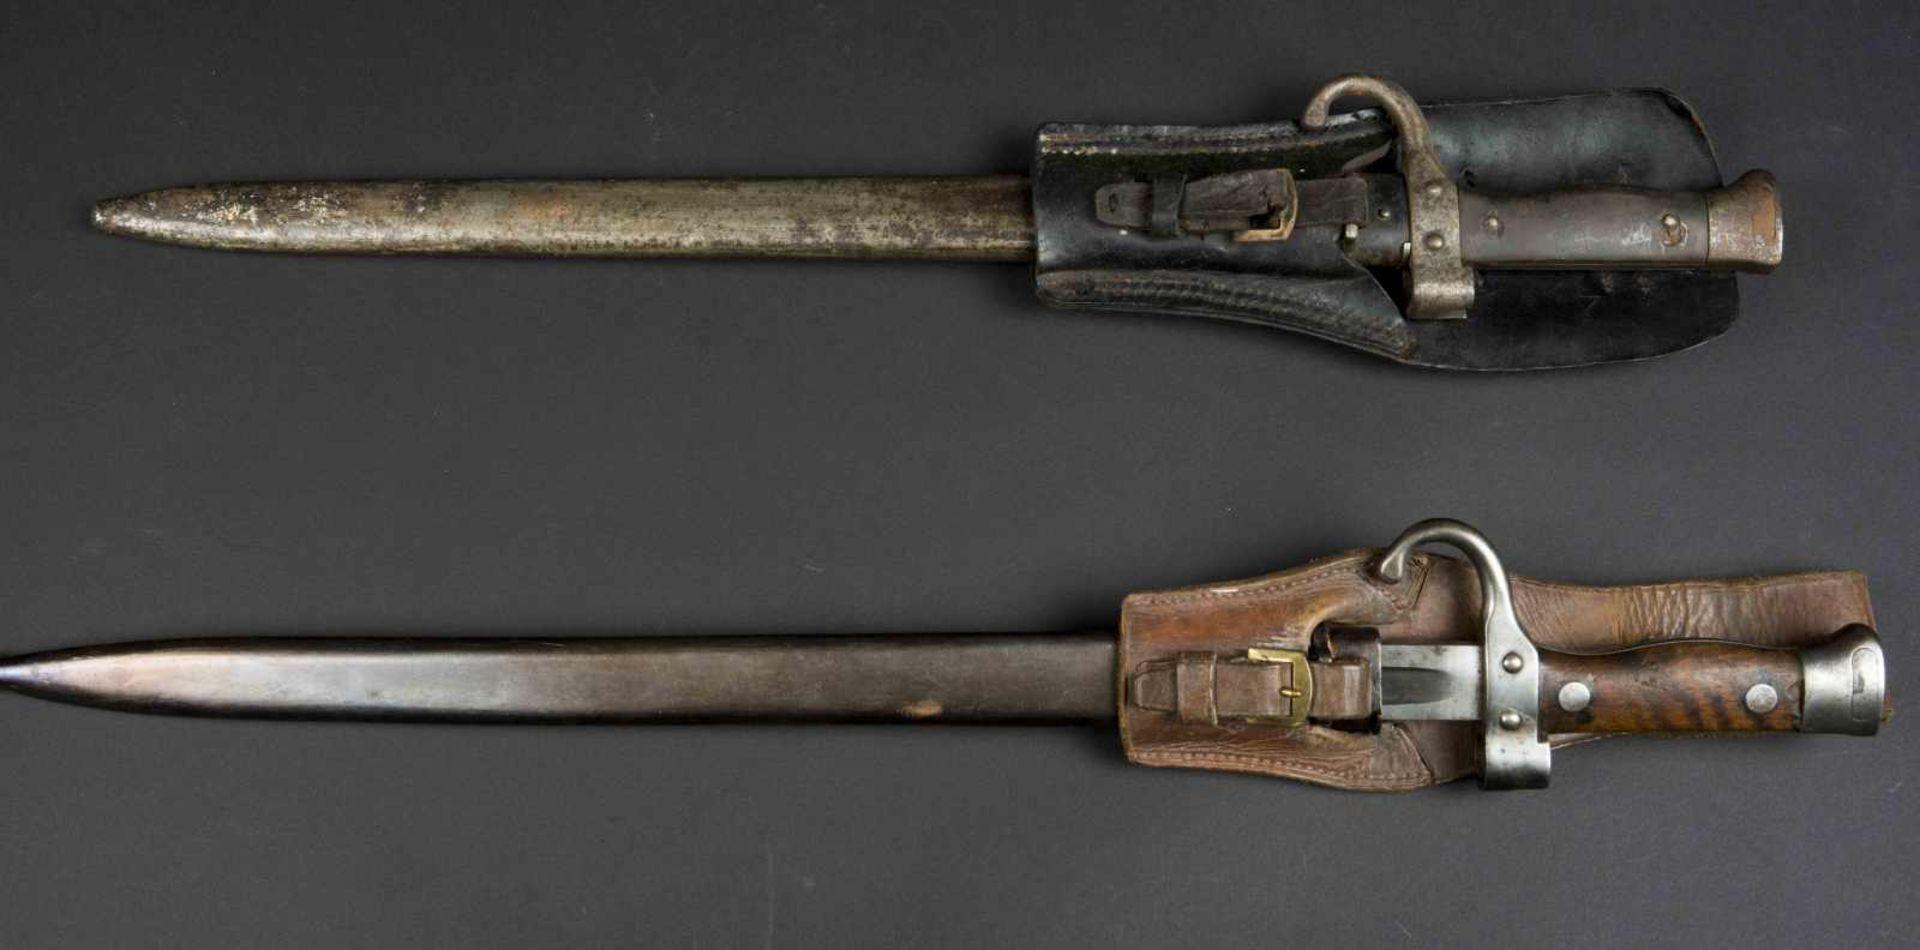 Lot de deux baïonnettes modèle 1892 pour mousqueton bon état et état moyen, porte-épées modèle - Bild 3 aus 4